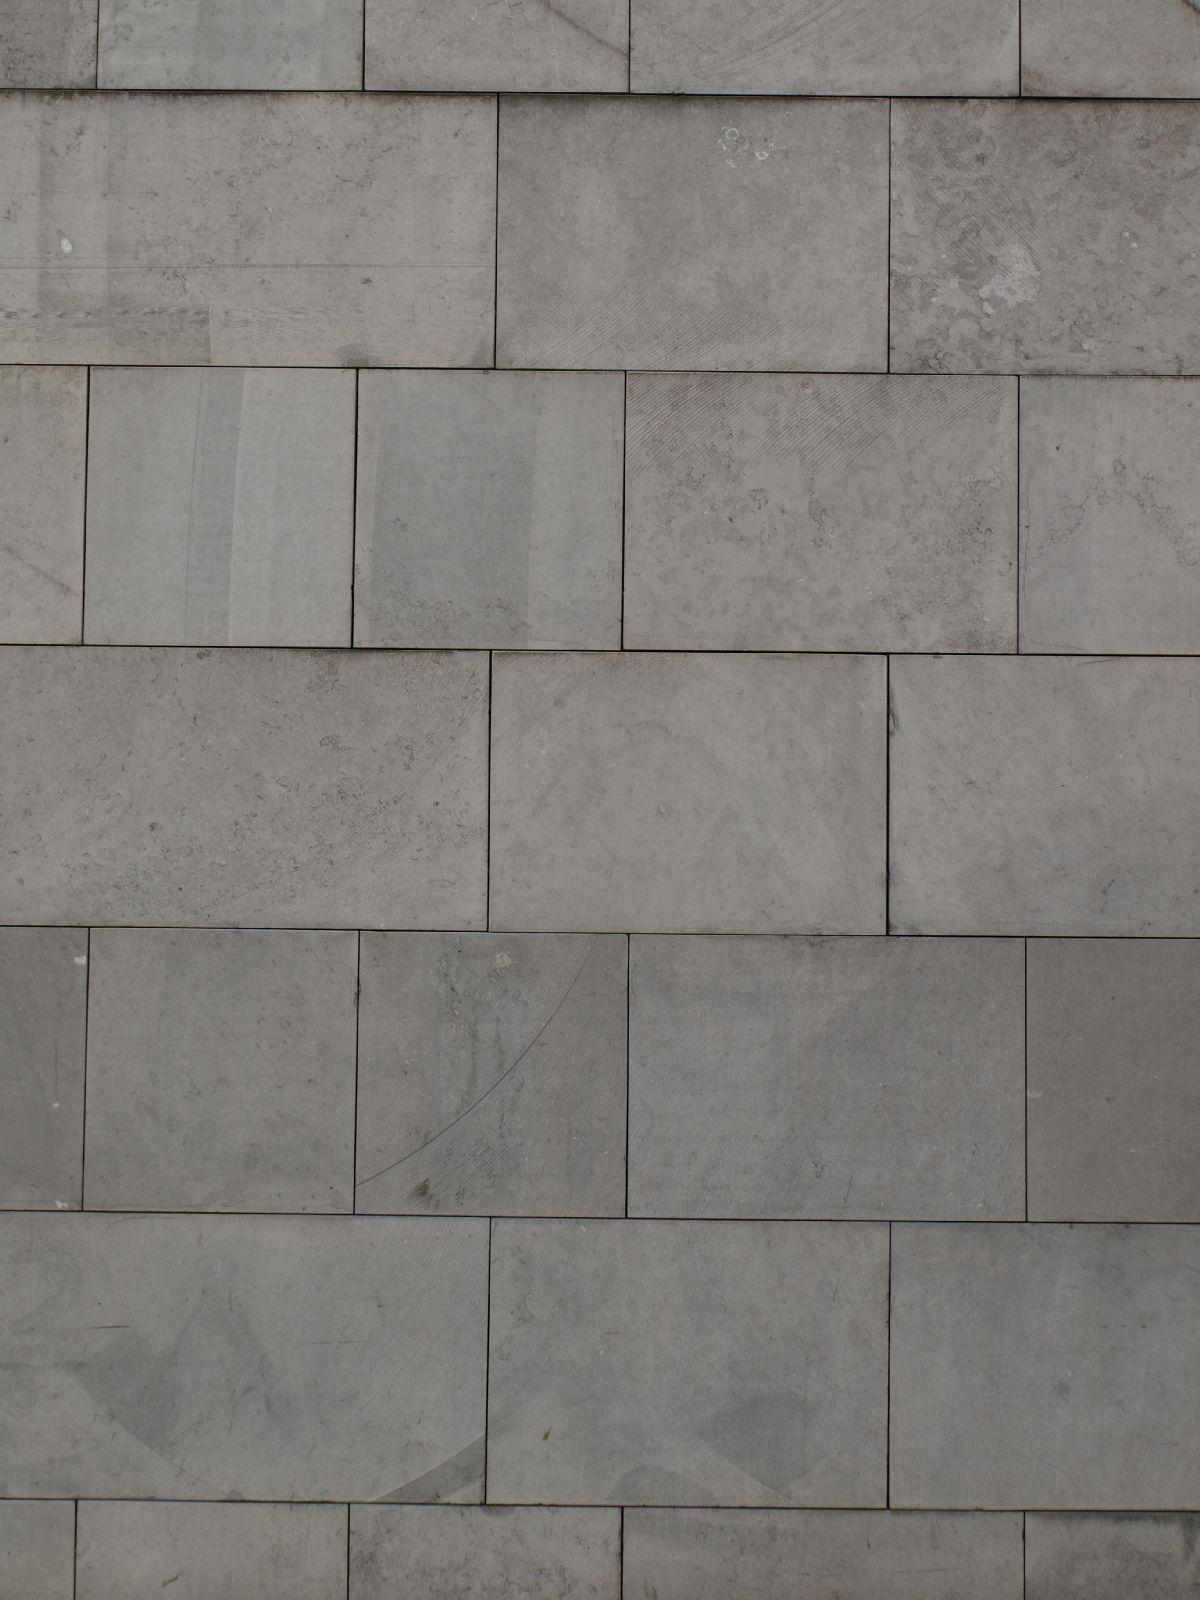 Wand-Steinbloecke-Quader_Textur_A_P4110628